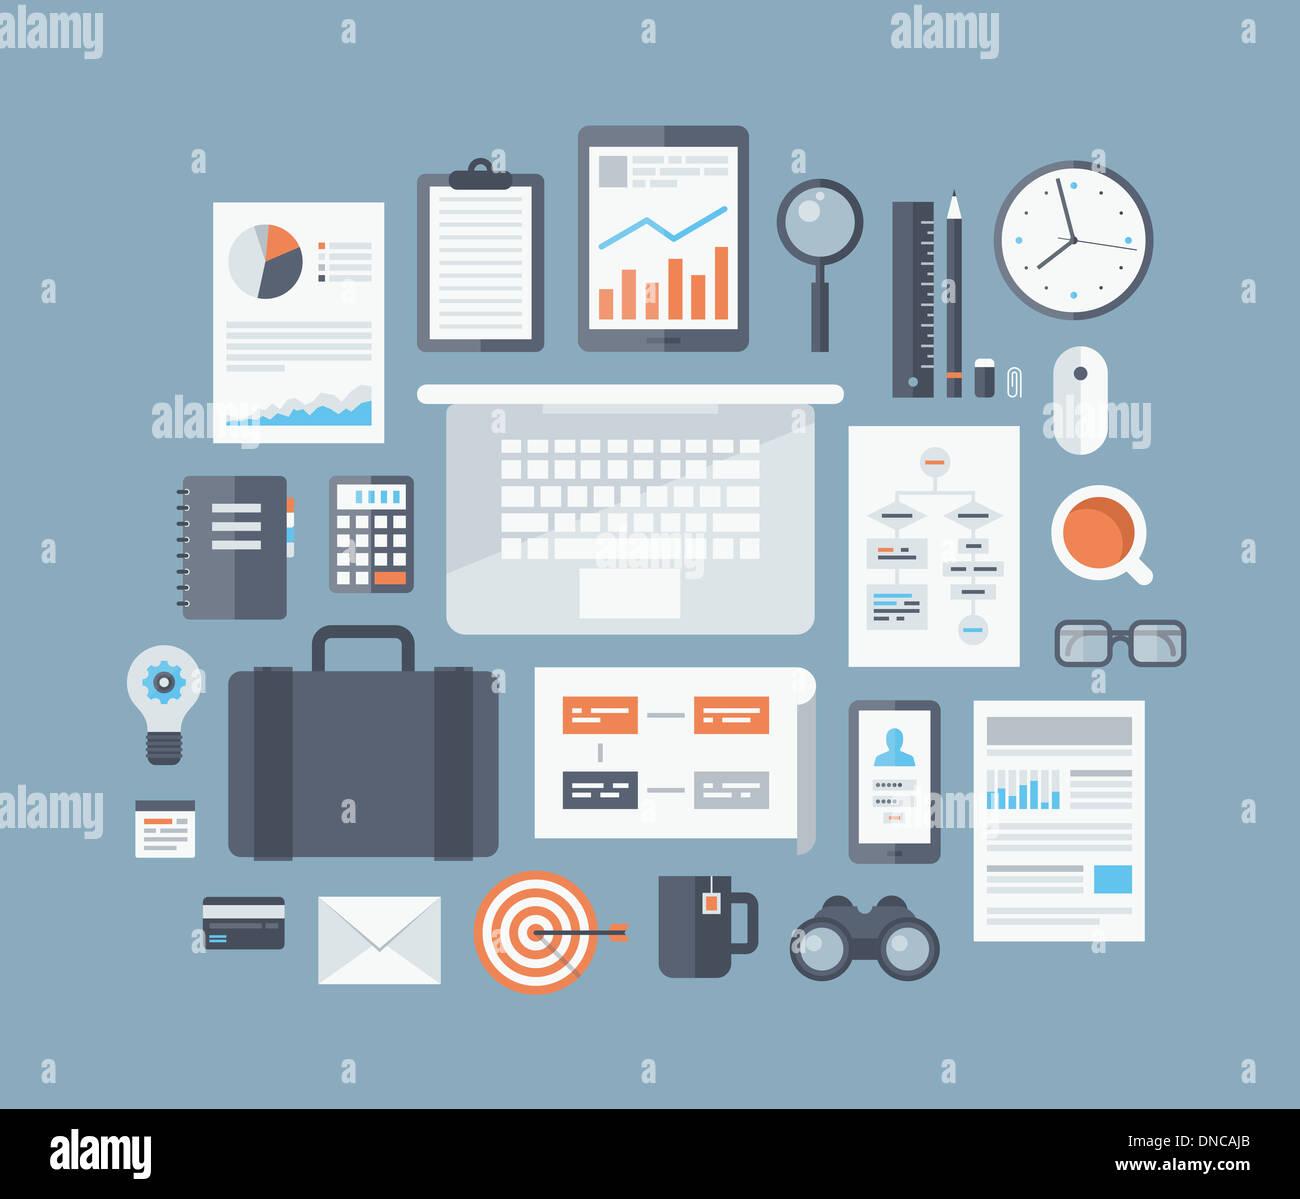 Ilustración plana de diseño moderno concepto de temas y elementos de flujo de trabajo empresarial, cosas y equipos de oficina Imagen De Stock